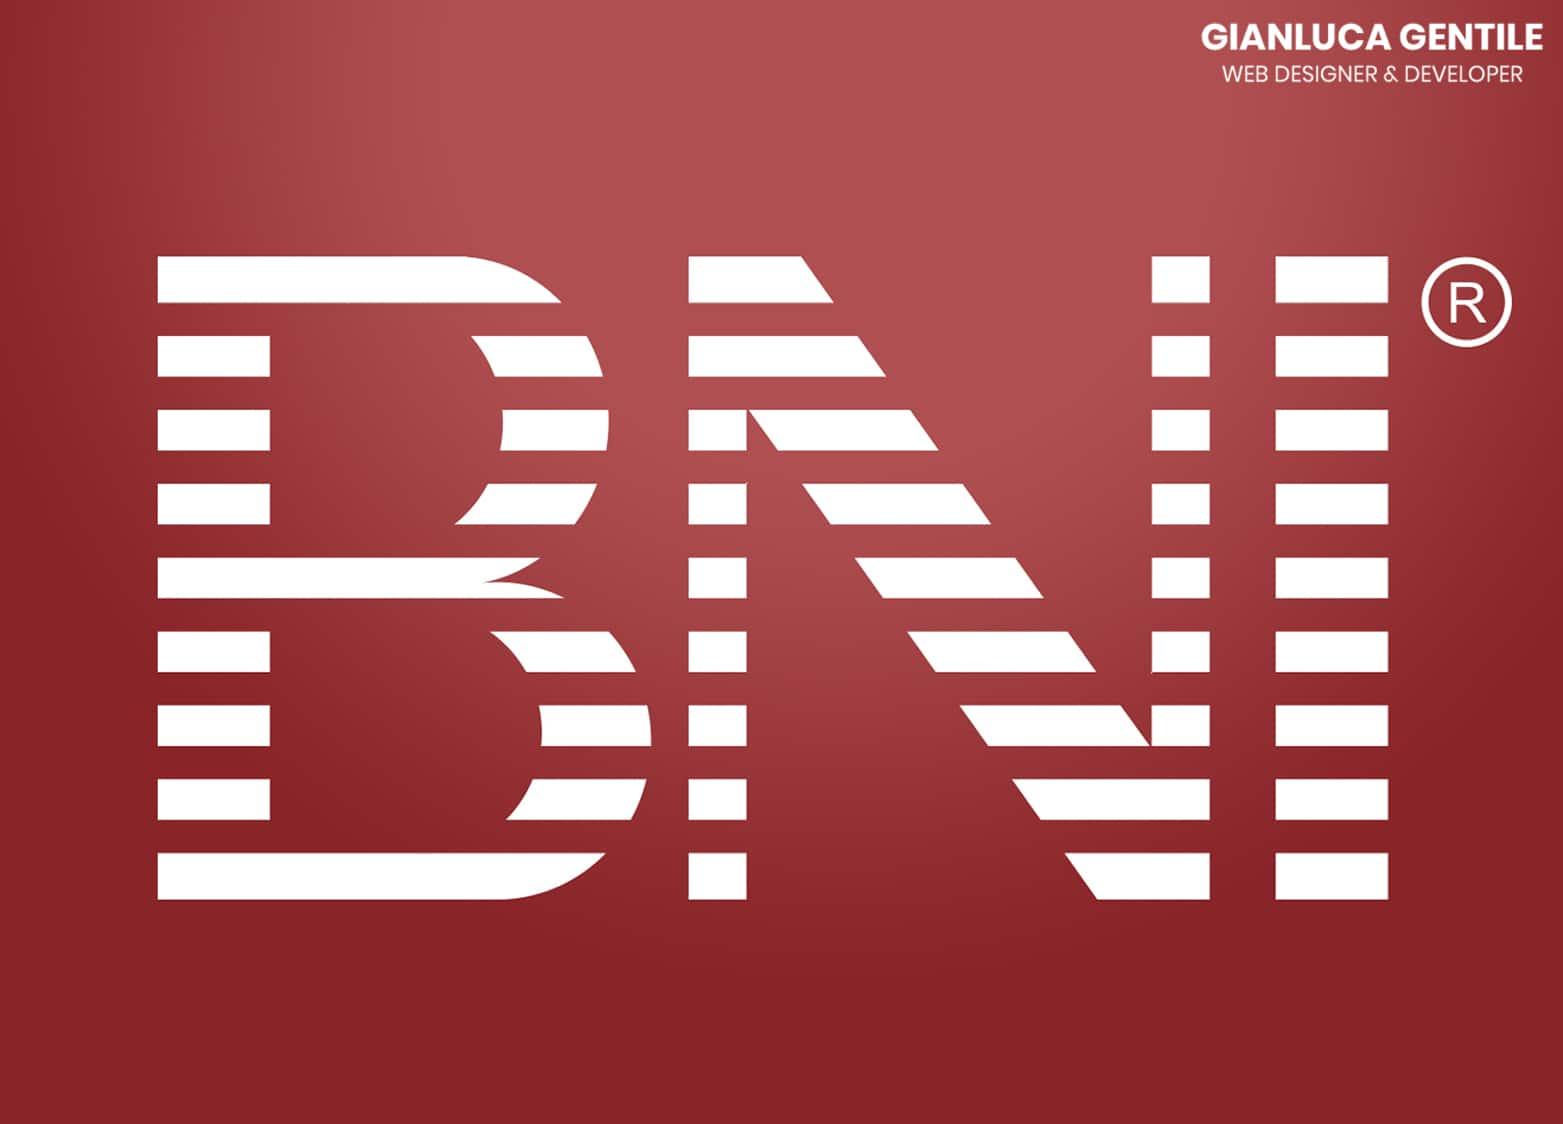 BNI Roma bni roma - Bni Italia come funziona - BNI Roma, lo scambio di referenze tra professionisti